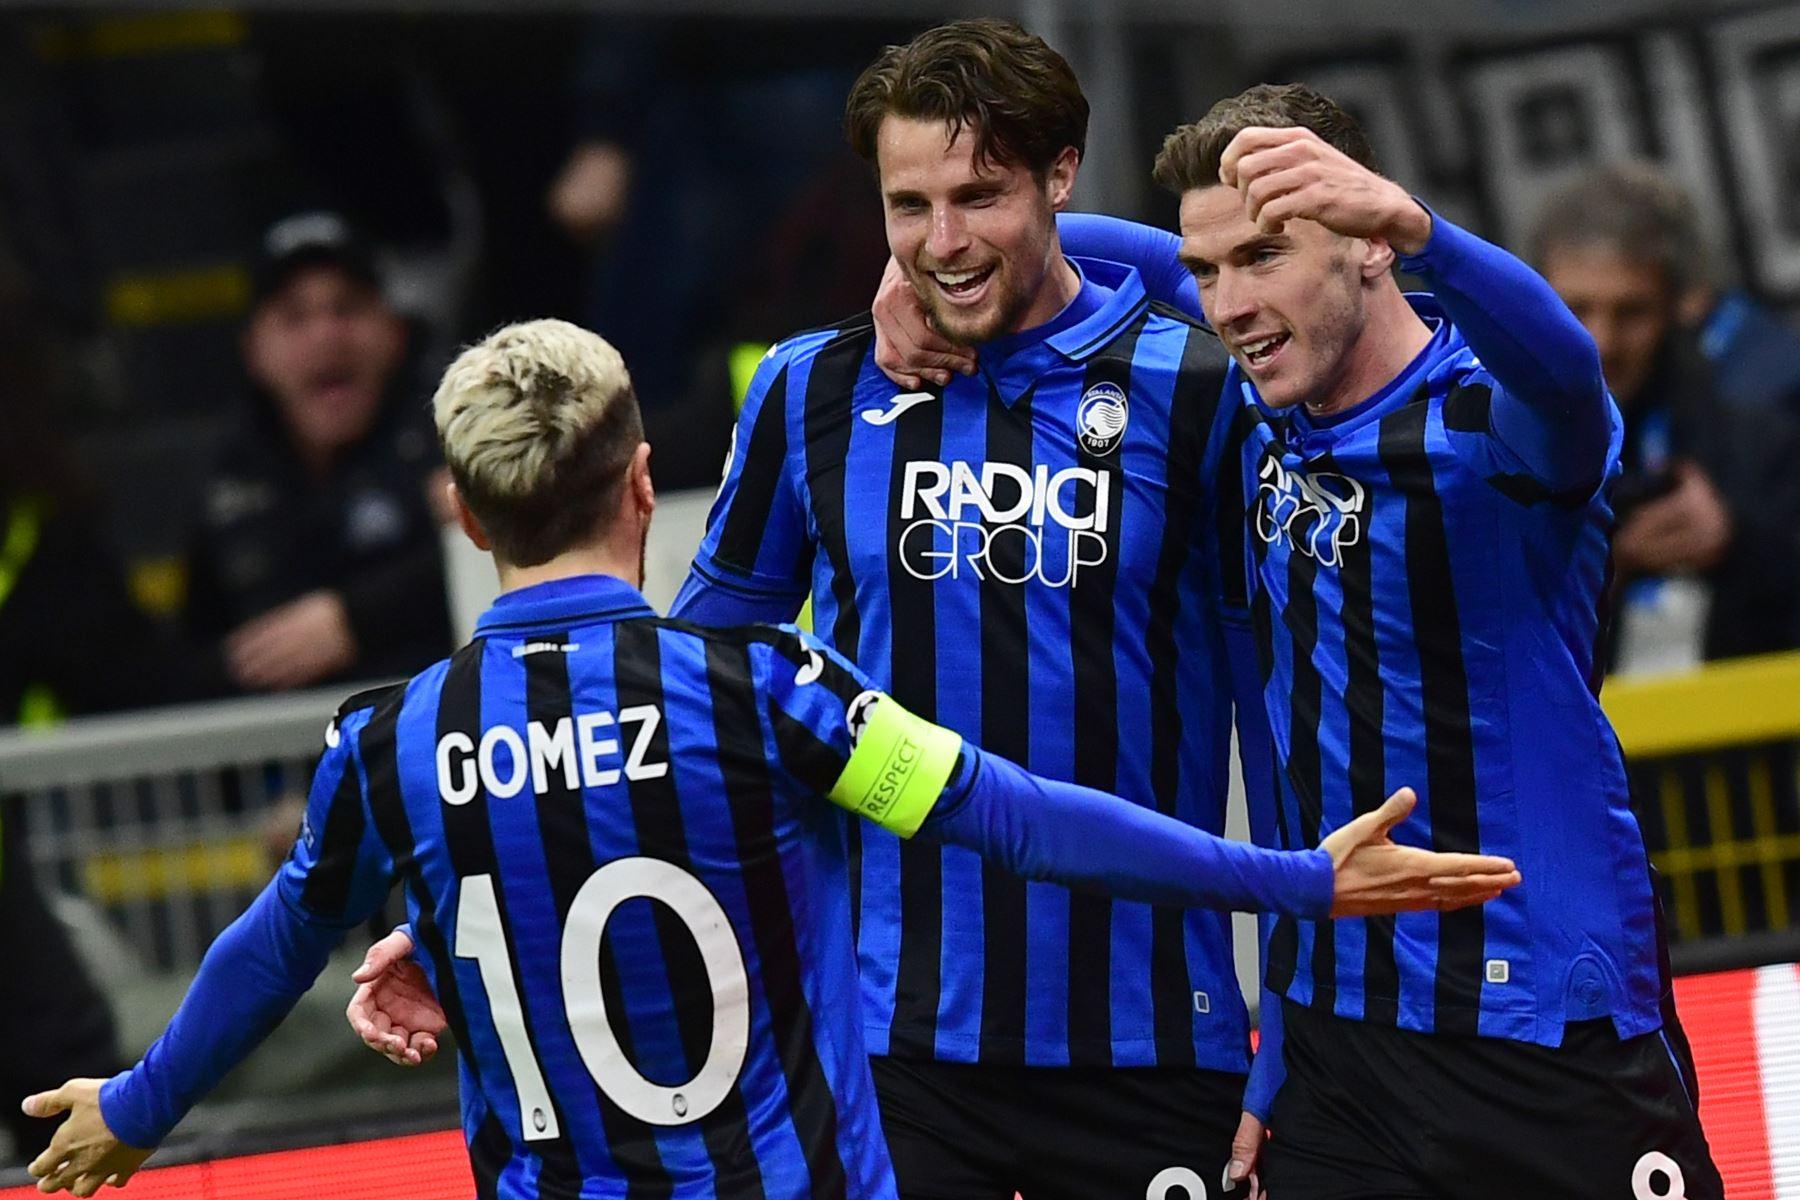 El defensor holandés de Atalanta, Hans Hateboer (C) celebra con el delantero argentino de Atalanta, Papu Gómez (L) y el defensor alemán de Atalanta, Robin Gosens, después de abrir el marcador durante el partido de ida de octavos de final de la UEFA Champions League.Foto:AFP